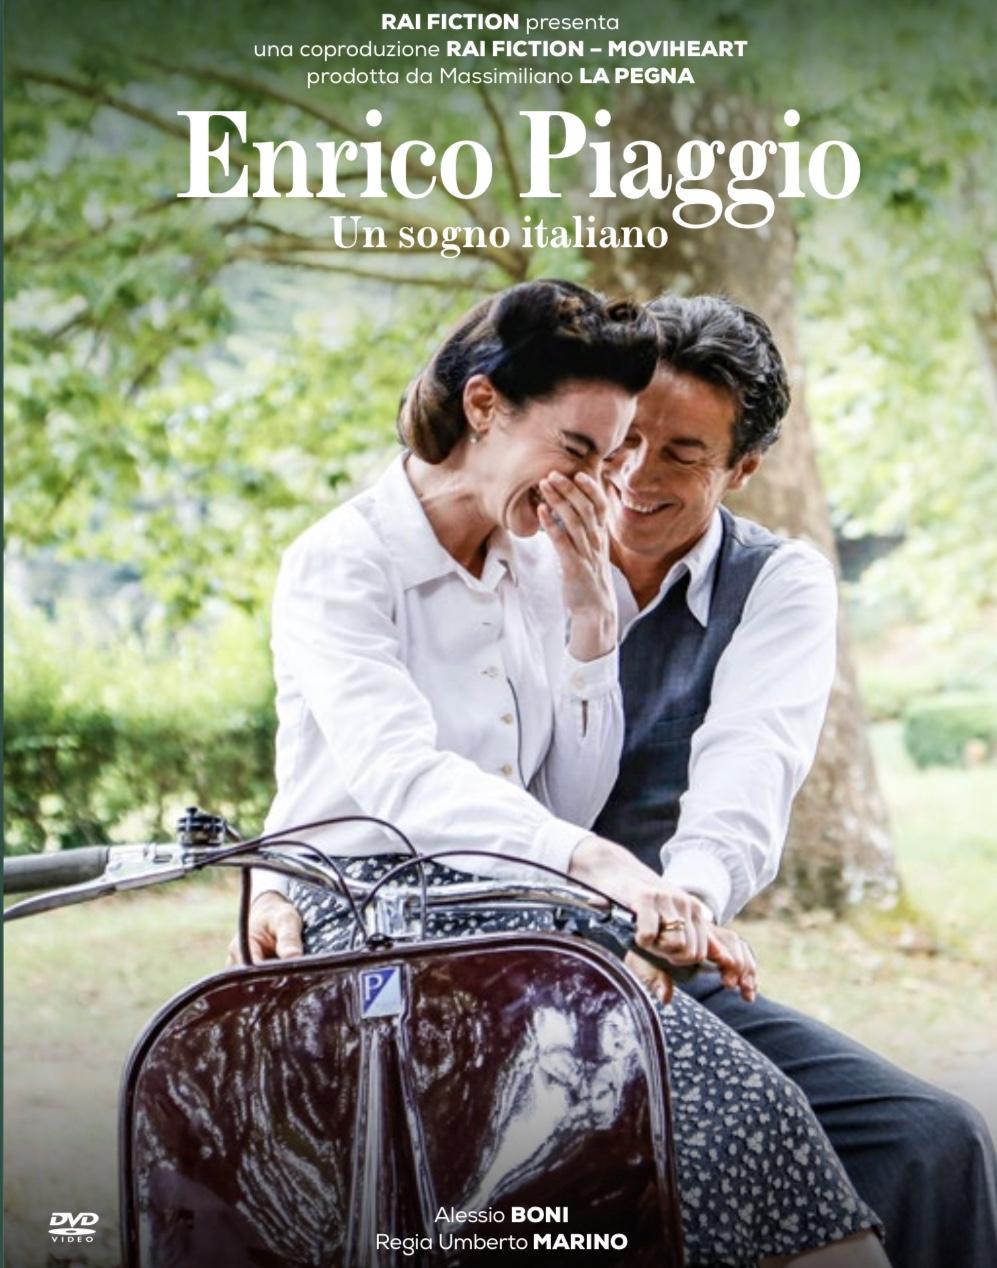 Enrico Piaggio - Vespa